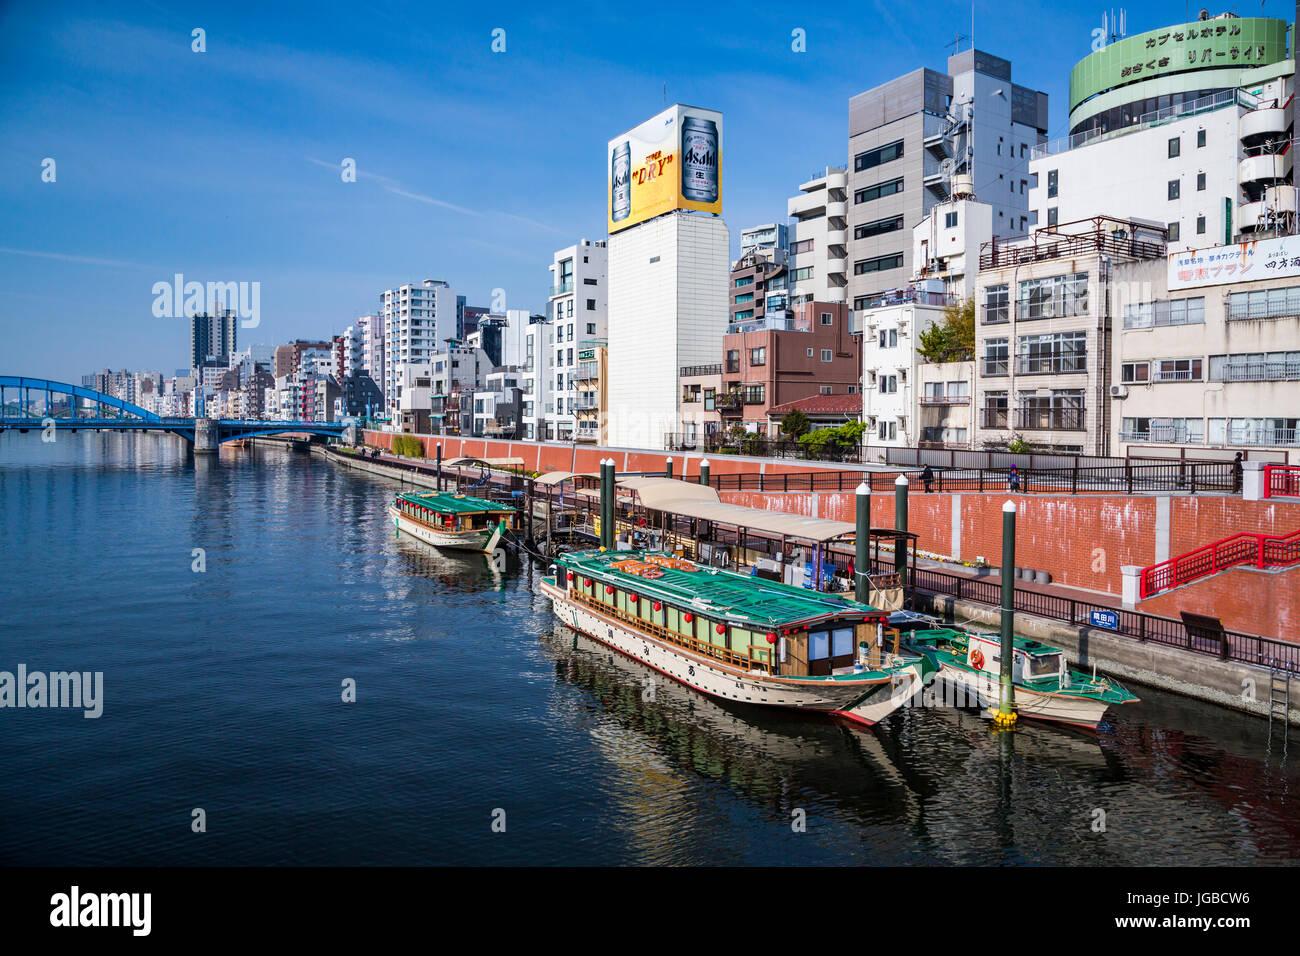 Des reflets de bateaux dans la rivière Sumida, Tokyo, Japon. Photo Stock